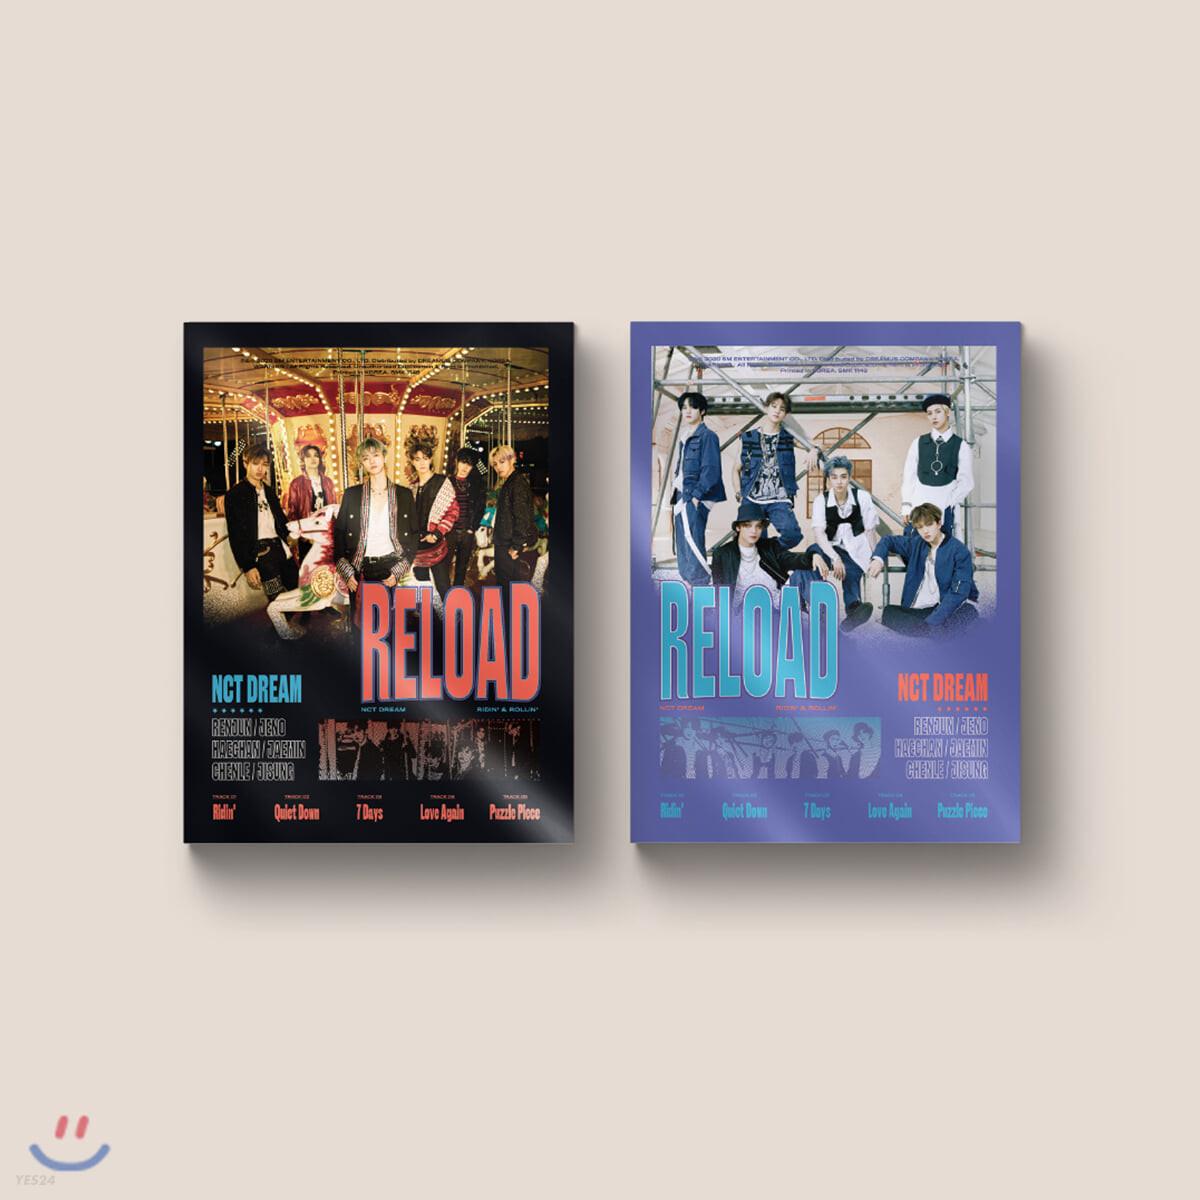 엔시티 드림 (NCT Dream) - 미니 4집 Reload [커버 2종 중 랜덤 1종 발송]